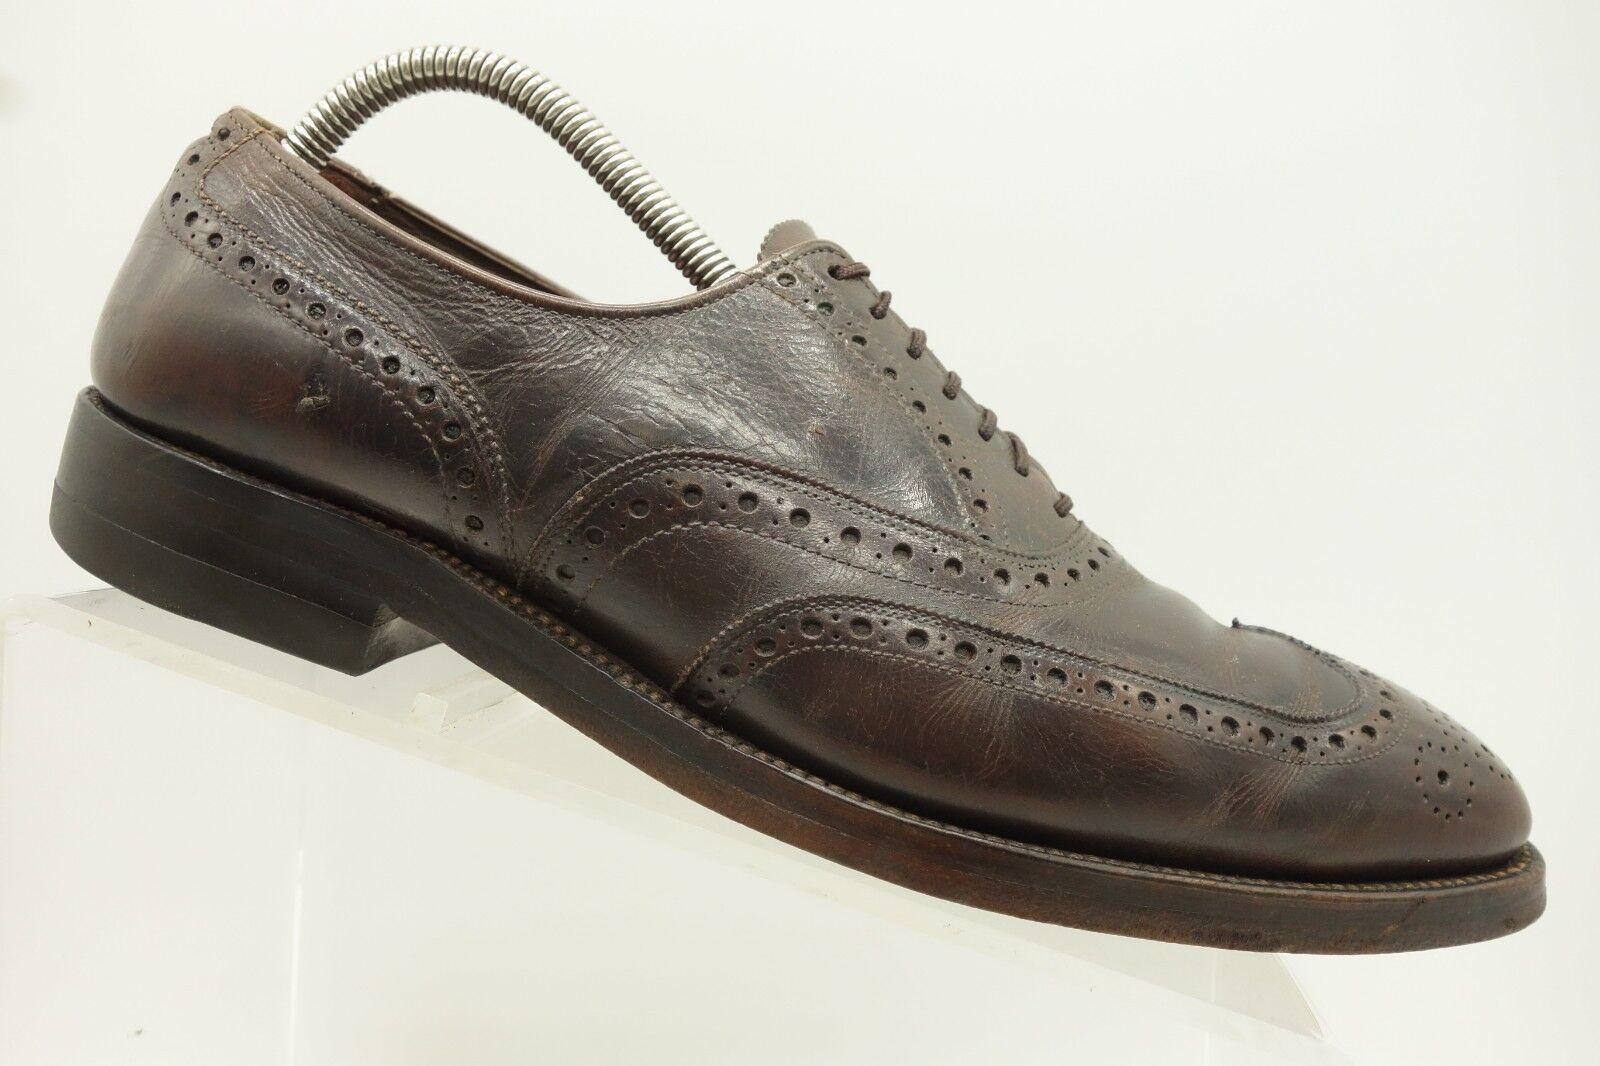 Allen Edmonds Boulevard Brown Leather Wingtip Casual Oxford shoes Mens 9 D